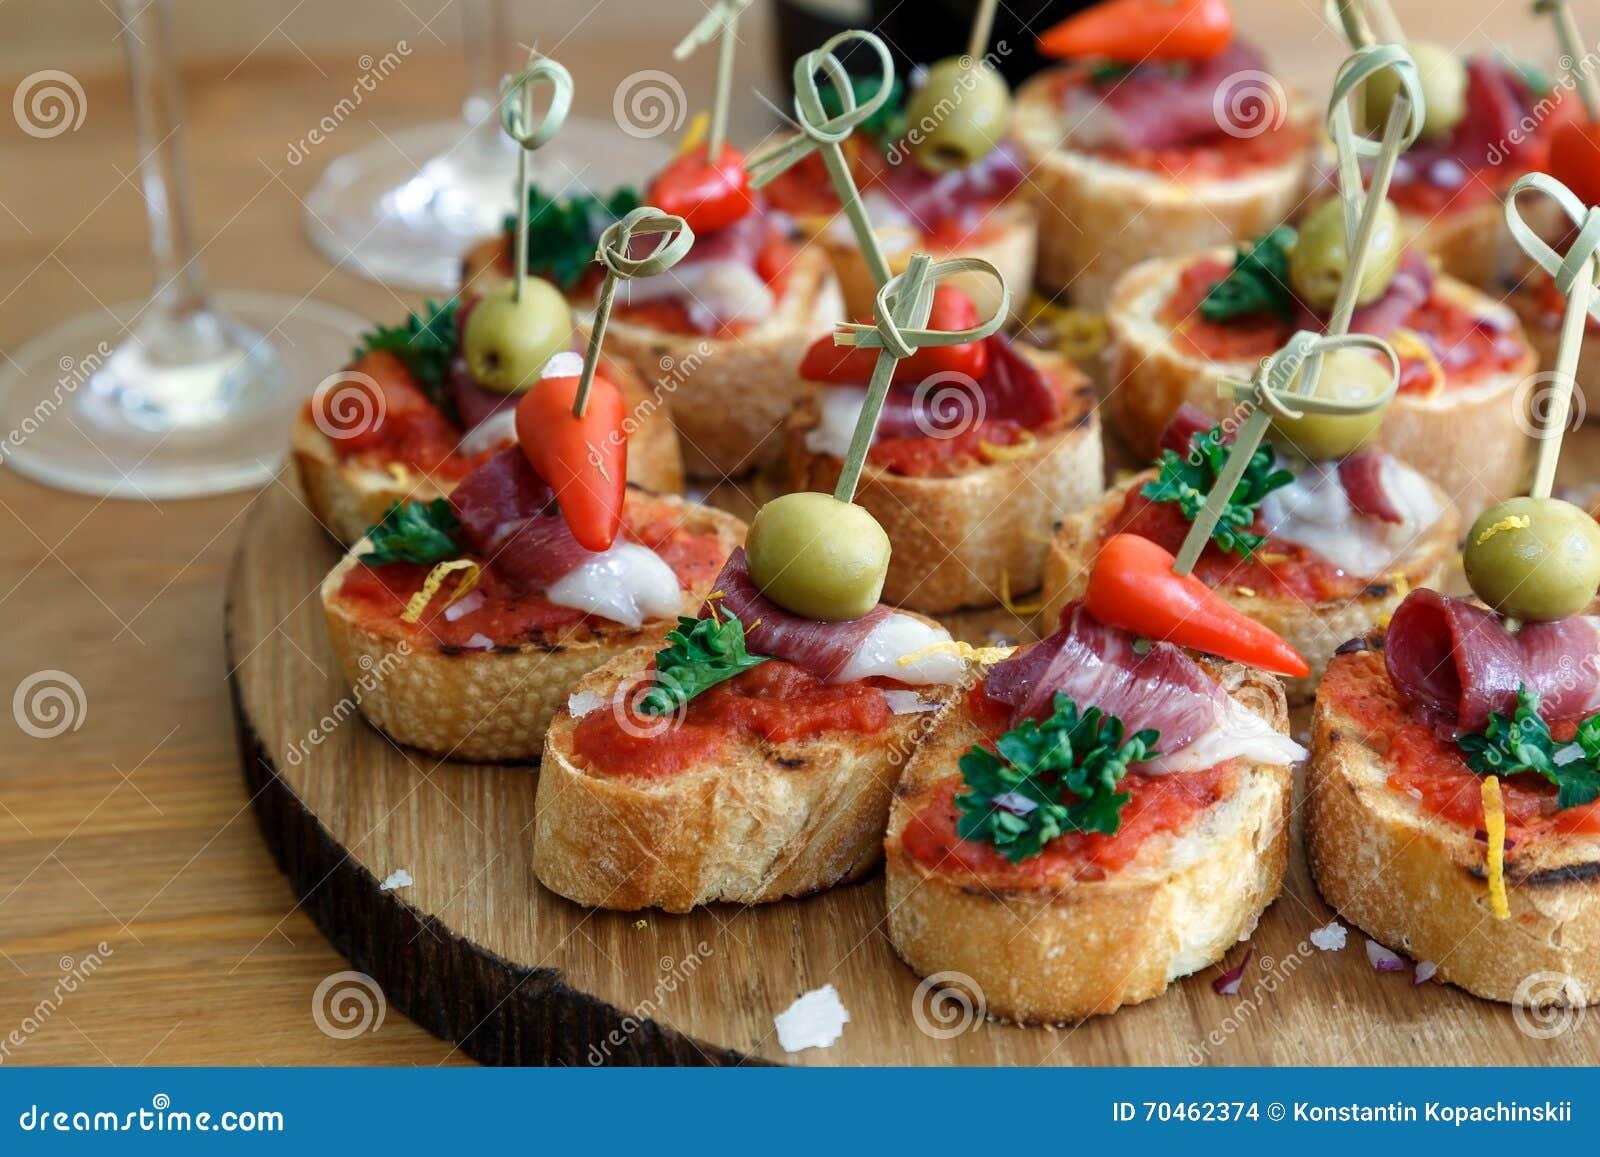 Simple Spanish Recipes